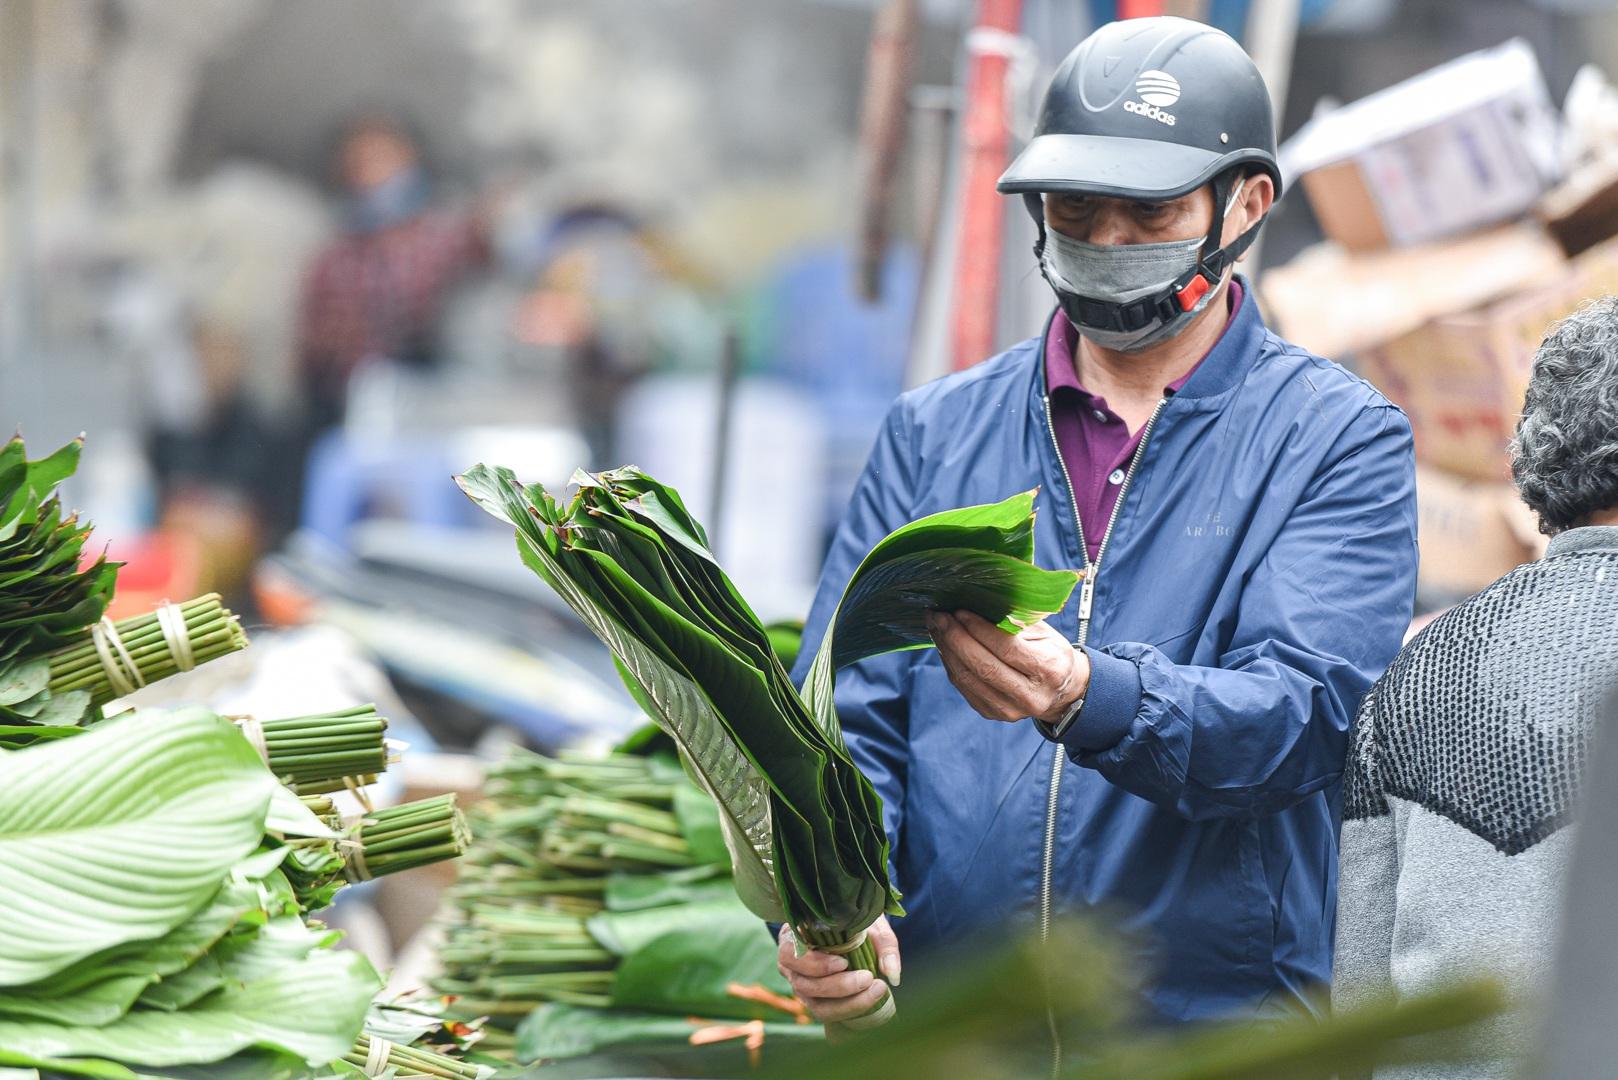 Phiên chợ họp ngày cuối năm, chỉ bán lá dong rừng, lạt tre ở Hà Nội - 5